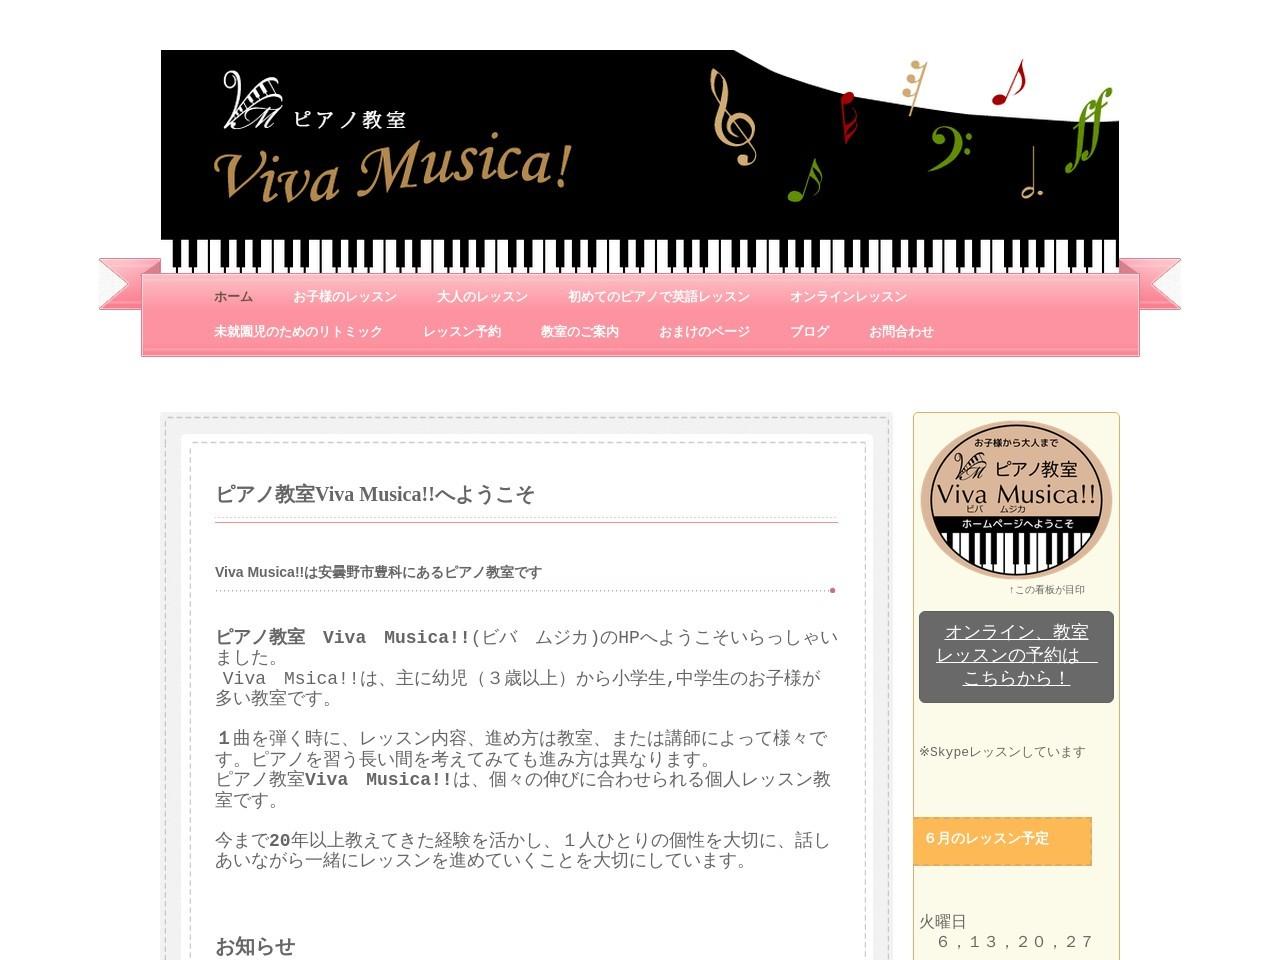 ピアノ教室Viva Musica!!のサムネイル